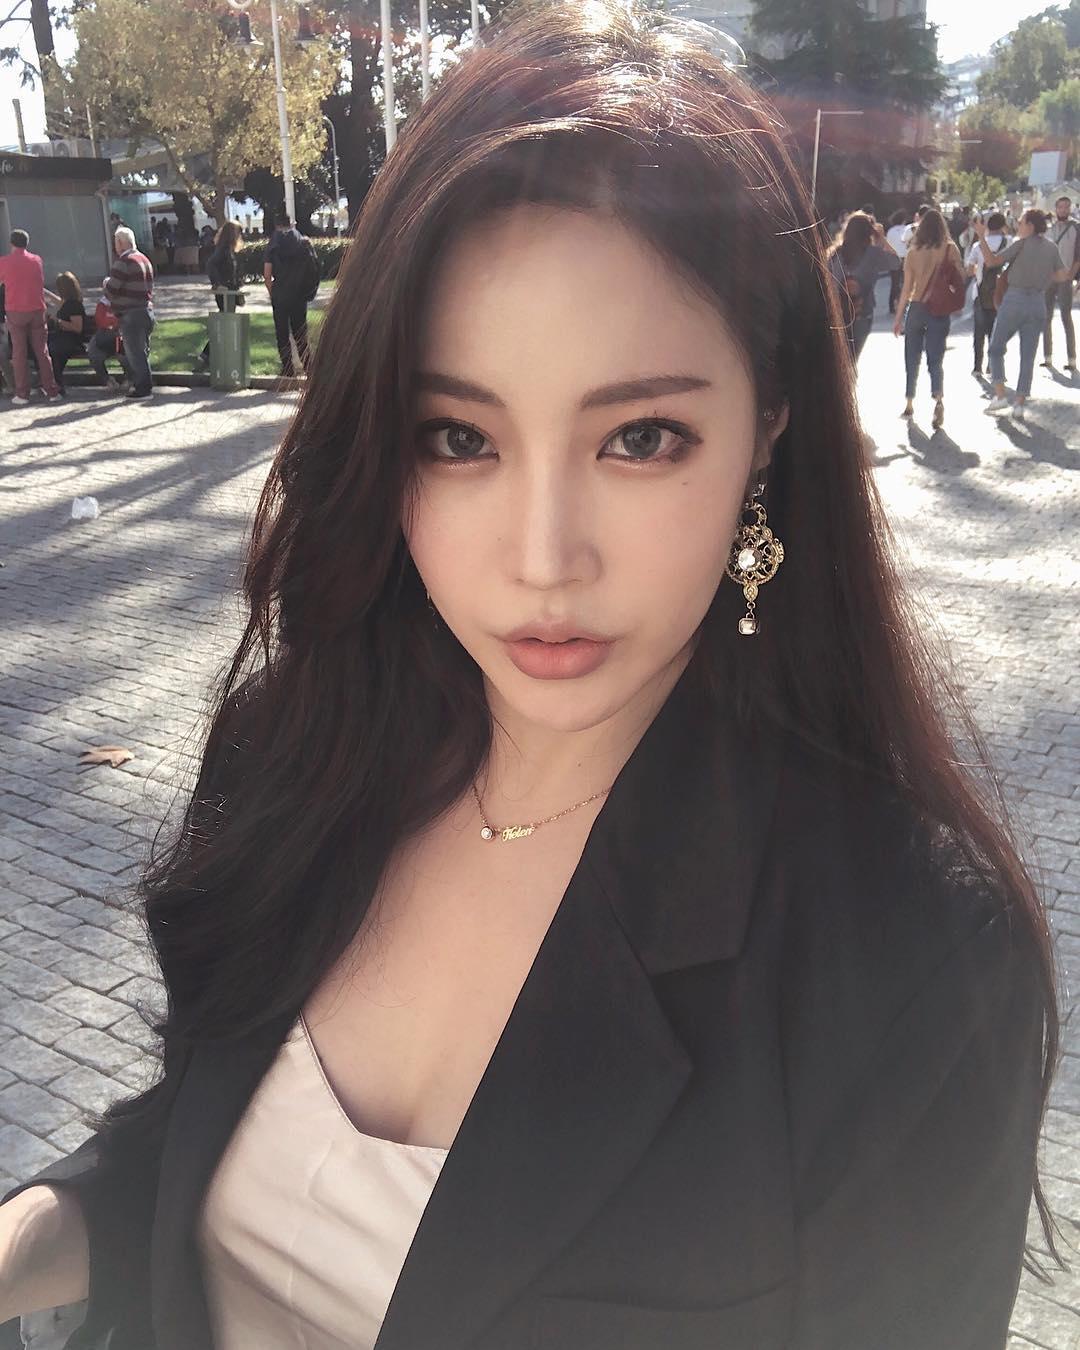 丁悦儿禹娥英的微胖风情 _美女福利图片